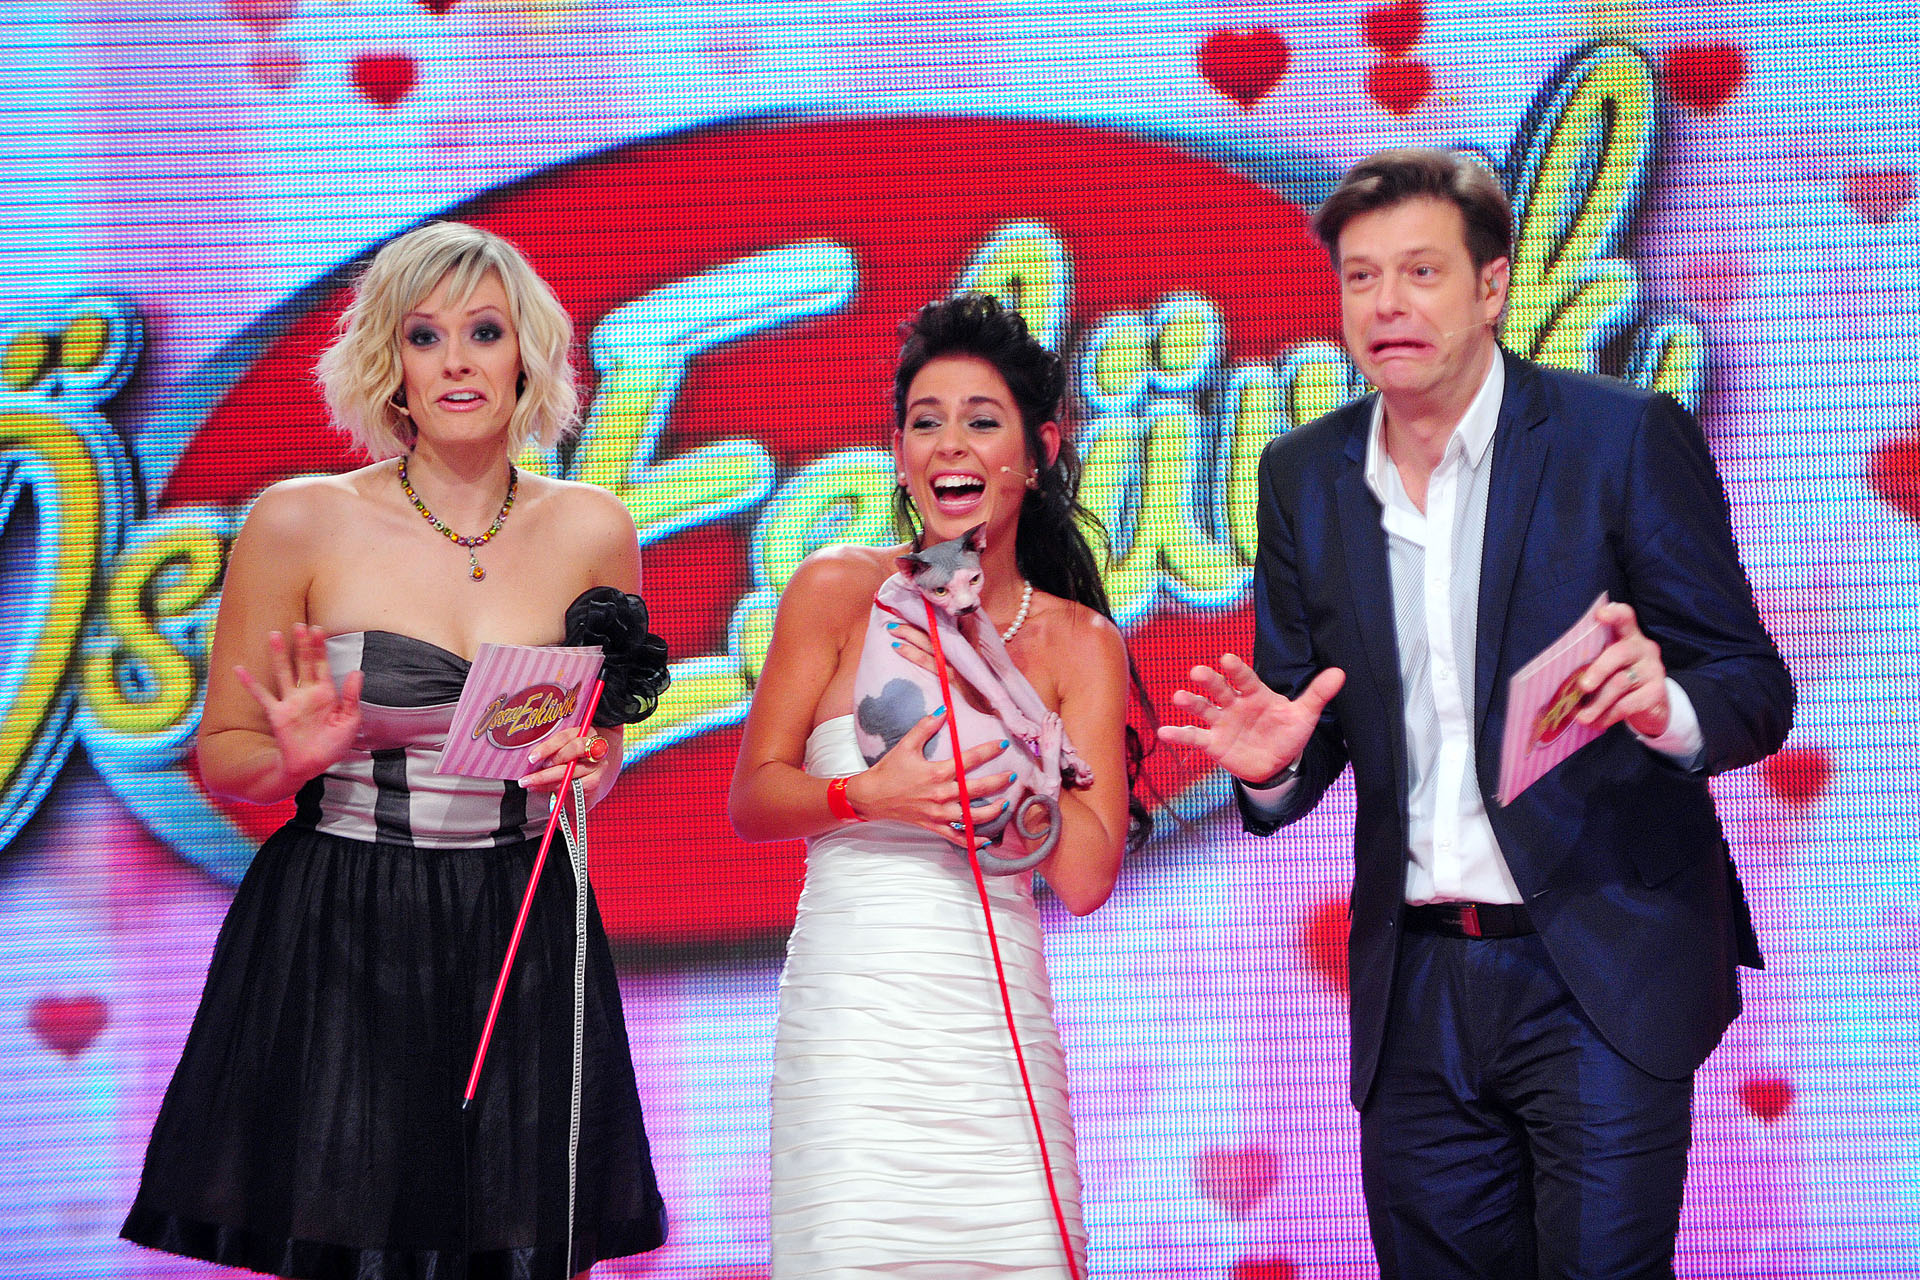 Peller Mariann és Till Attila, az Összeesküvők műsorvezetői